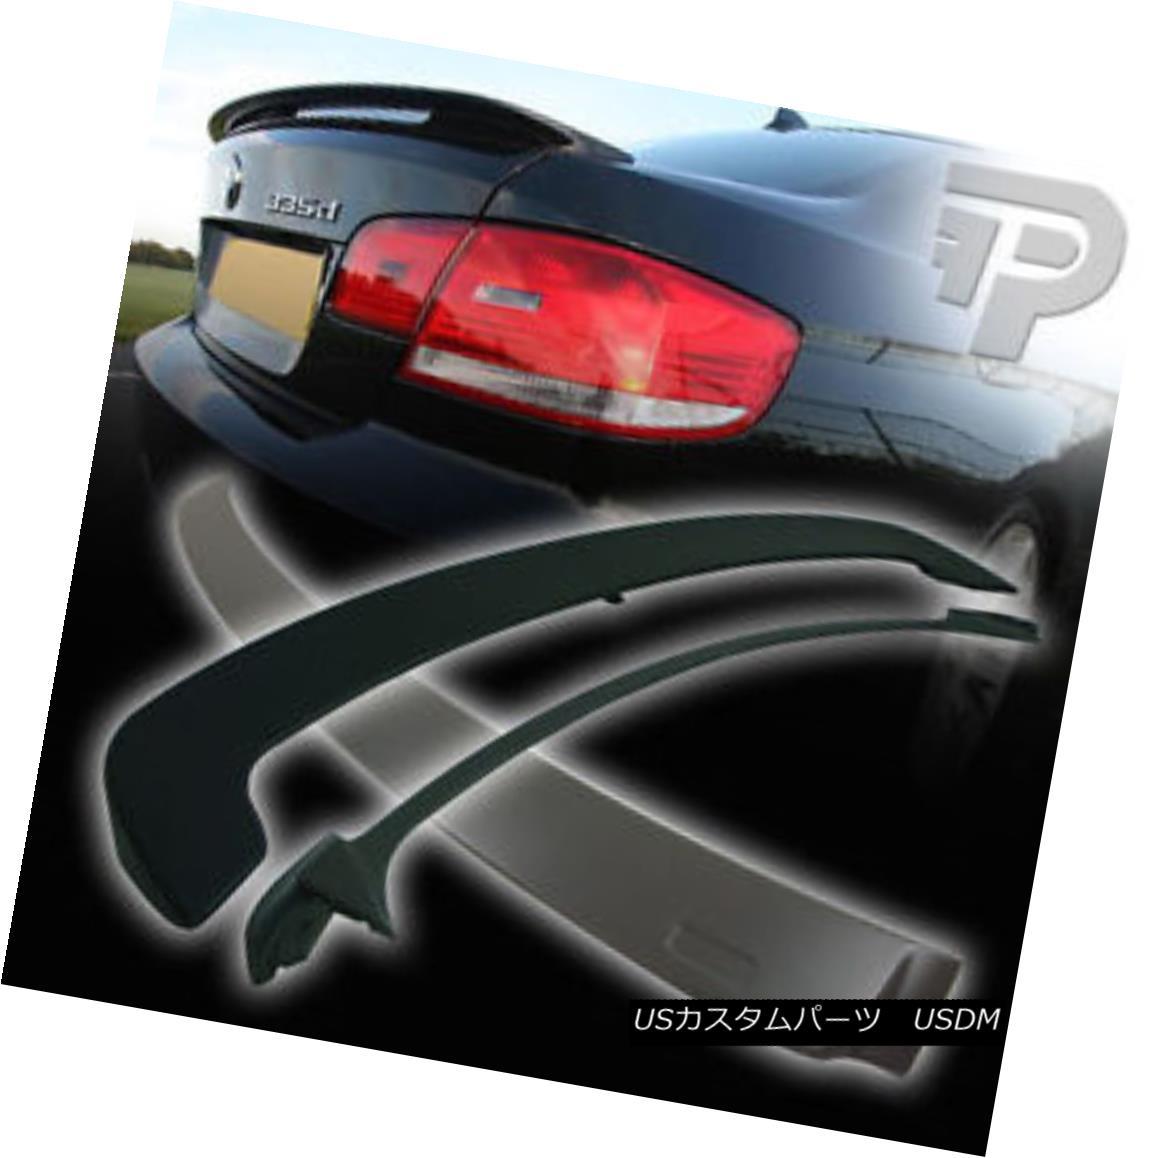 エアロパーツ BMW E92 2D COUPE A ROOF WING & OE REAR BOOT TRUNK SPOILER 07+ ▼ BMW E92 2D COUPE A ROOF WING& OE REAR BOOT TRUNK SPOILER 07+?